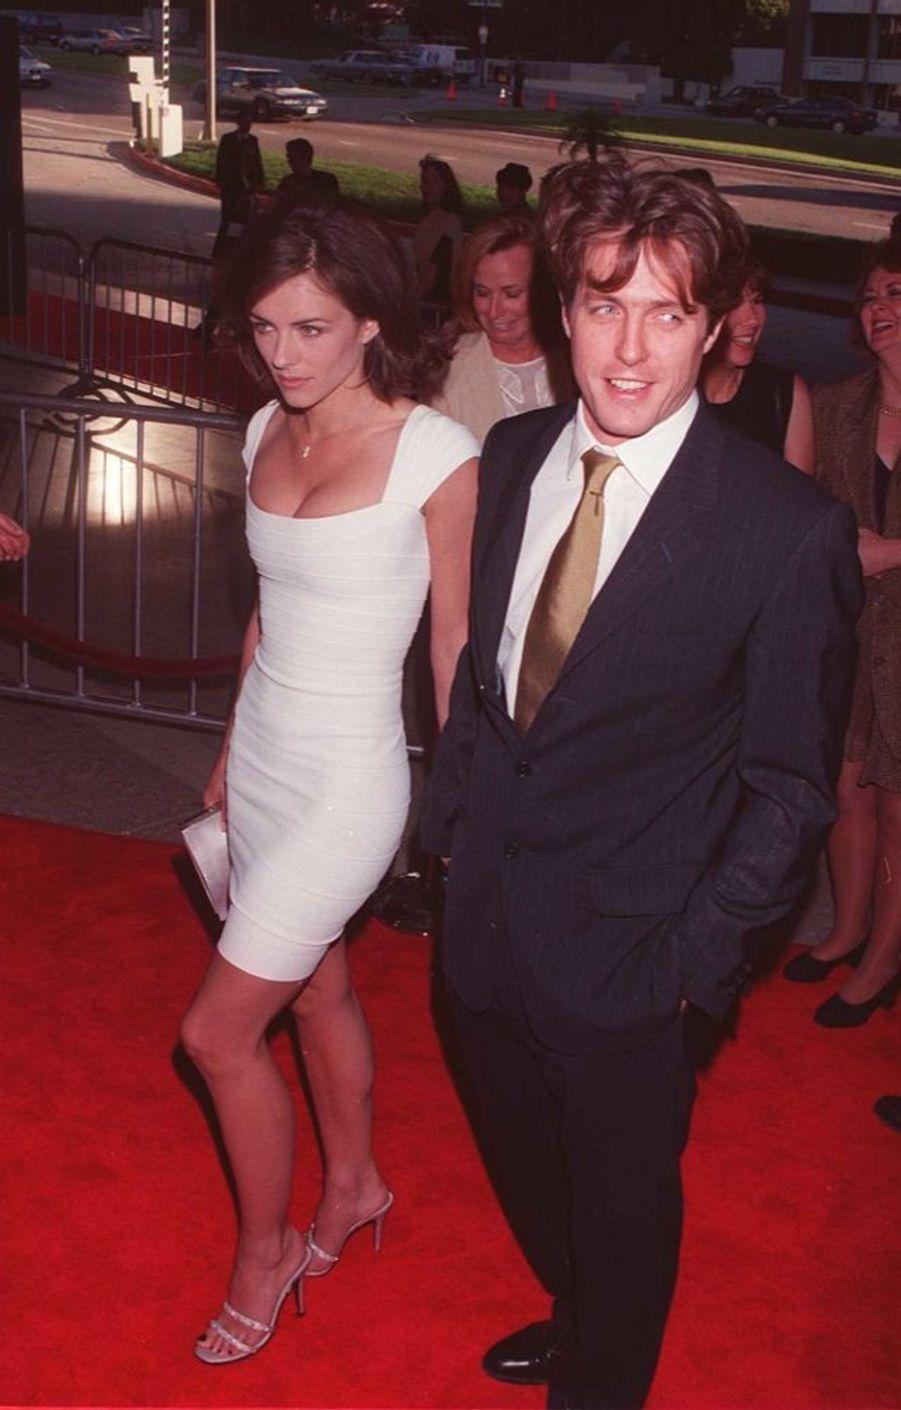 Elizabeth Hurley et Hugh Grant, côte à côte pour la première de «Neuf mois aussi» (remake du film de Patrick Braoudé), le 7 juillet 1995. Il s'agissait de leur première apparition publique ensemble après le scandale de l'arrestation de l'acteur avec une prostituée, dix jours auparavant.